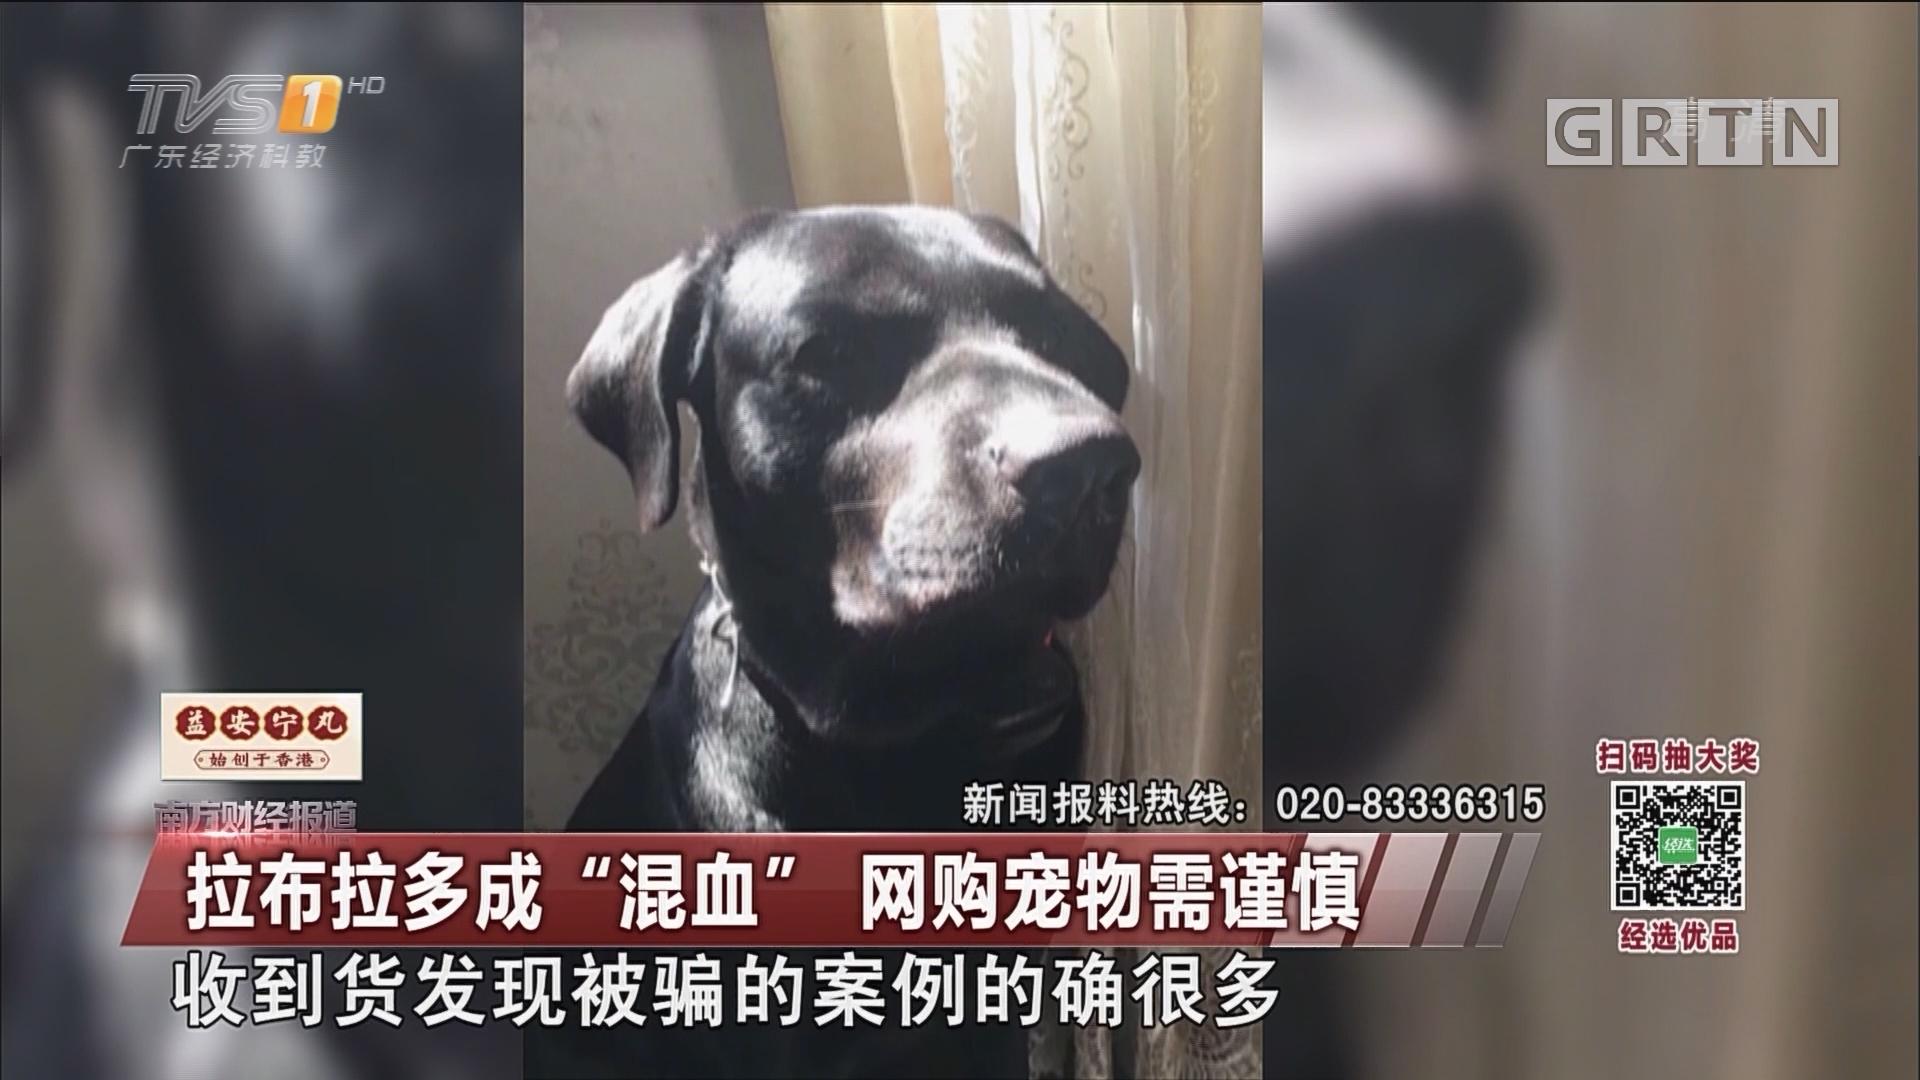 """拉布拉多成""""混血"""" 网购宠物需谨慎"""